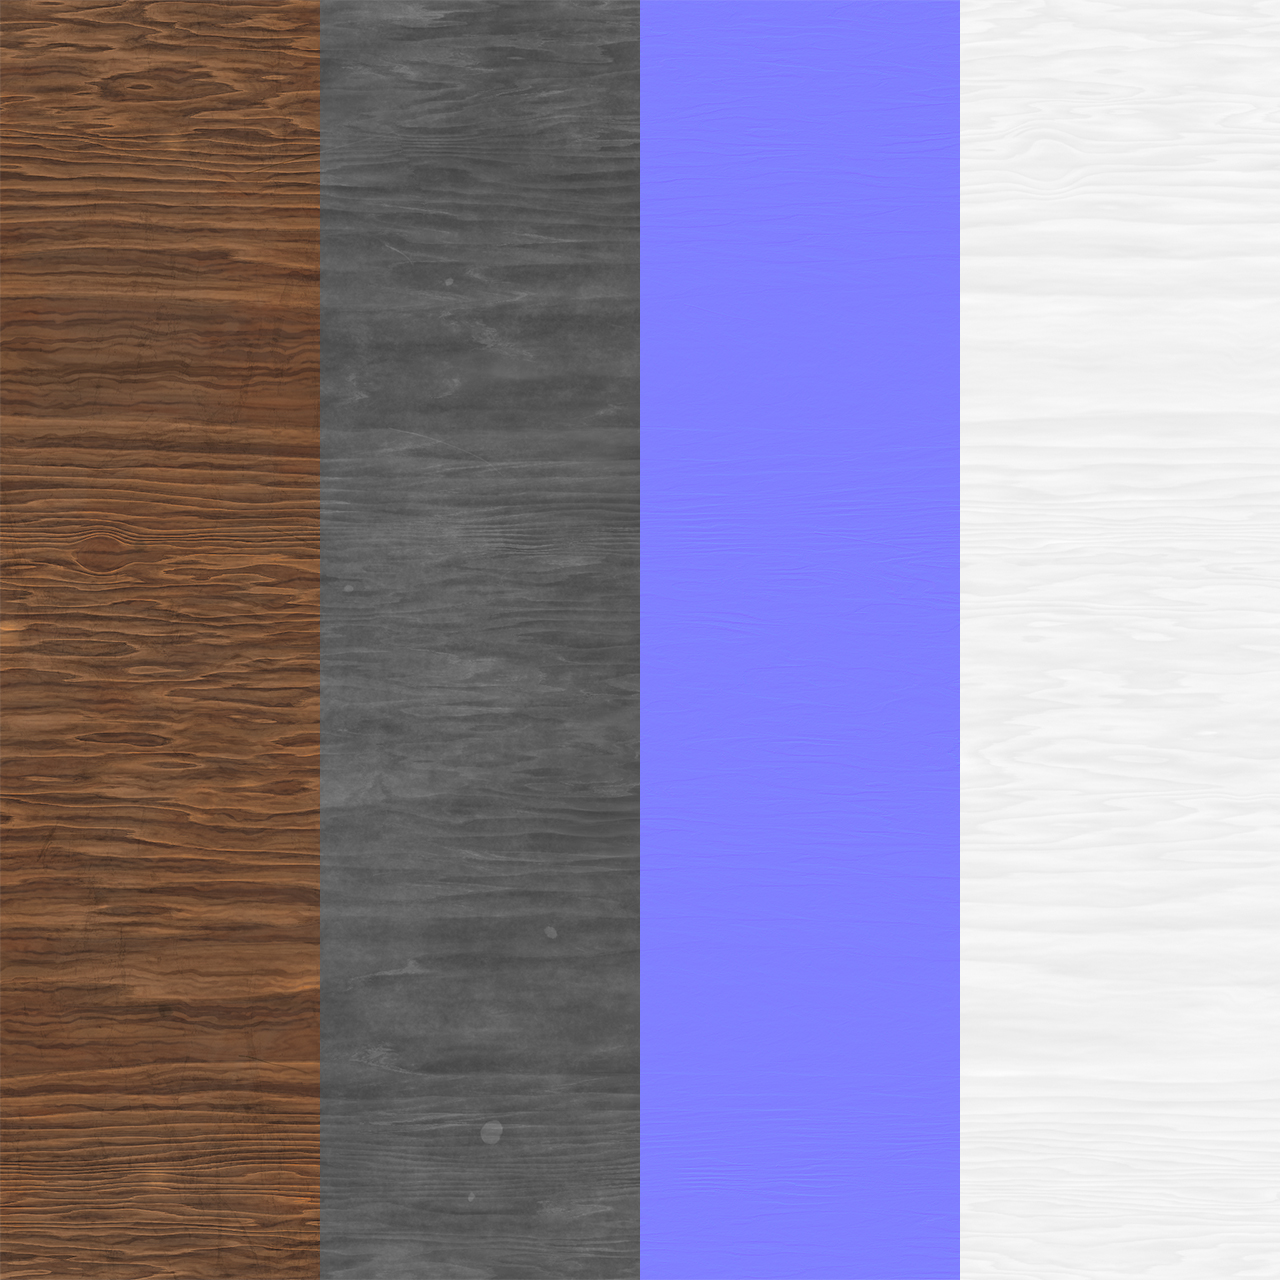 Polished_Wood_Maps_02.jpg